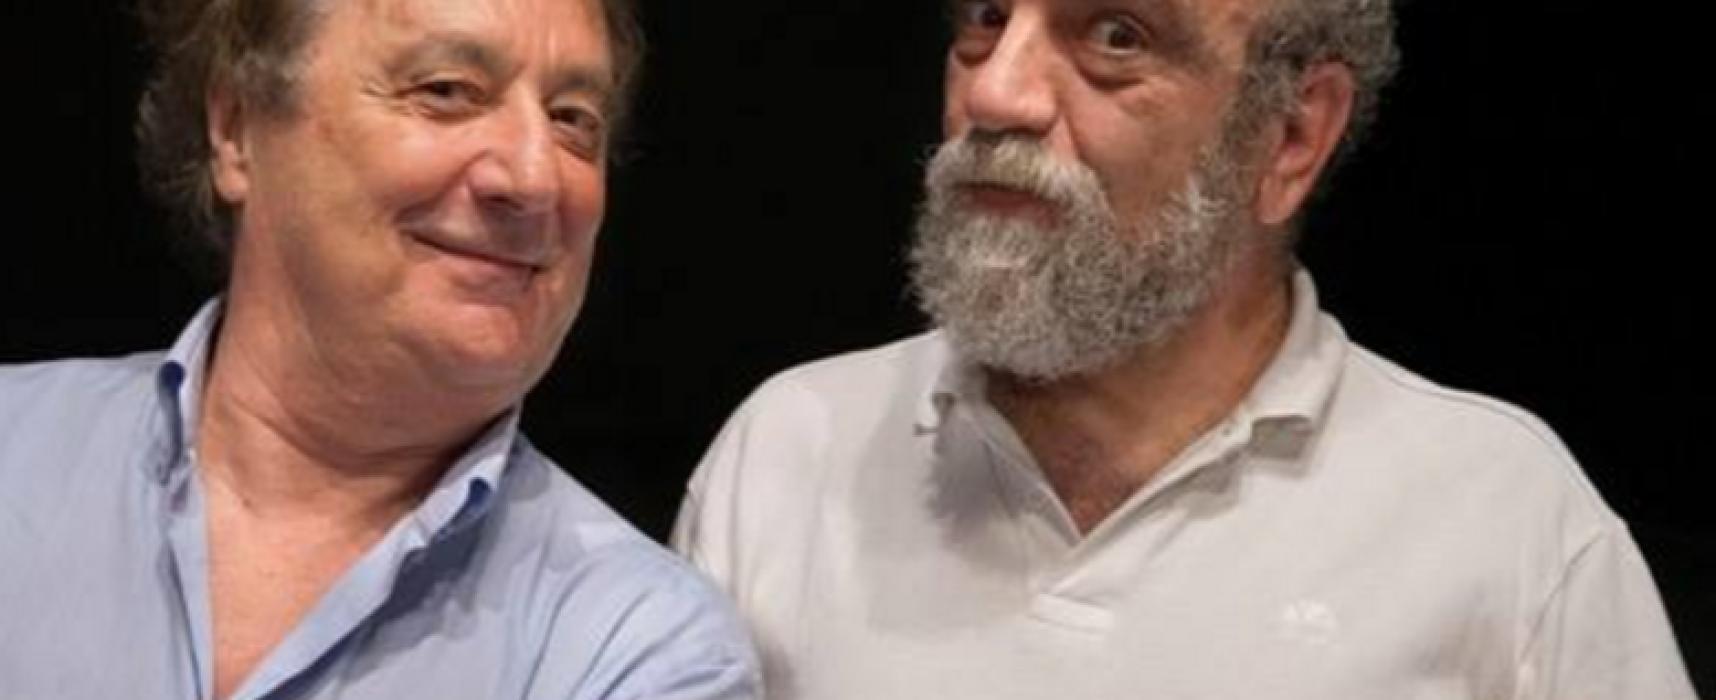 Da Iacchetti e Covatta a De Gregori, una grande stagione di eventi al Teatro Alfieri